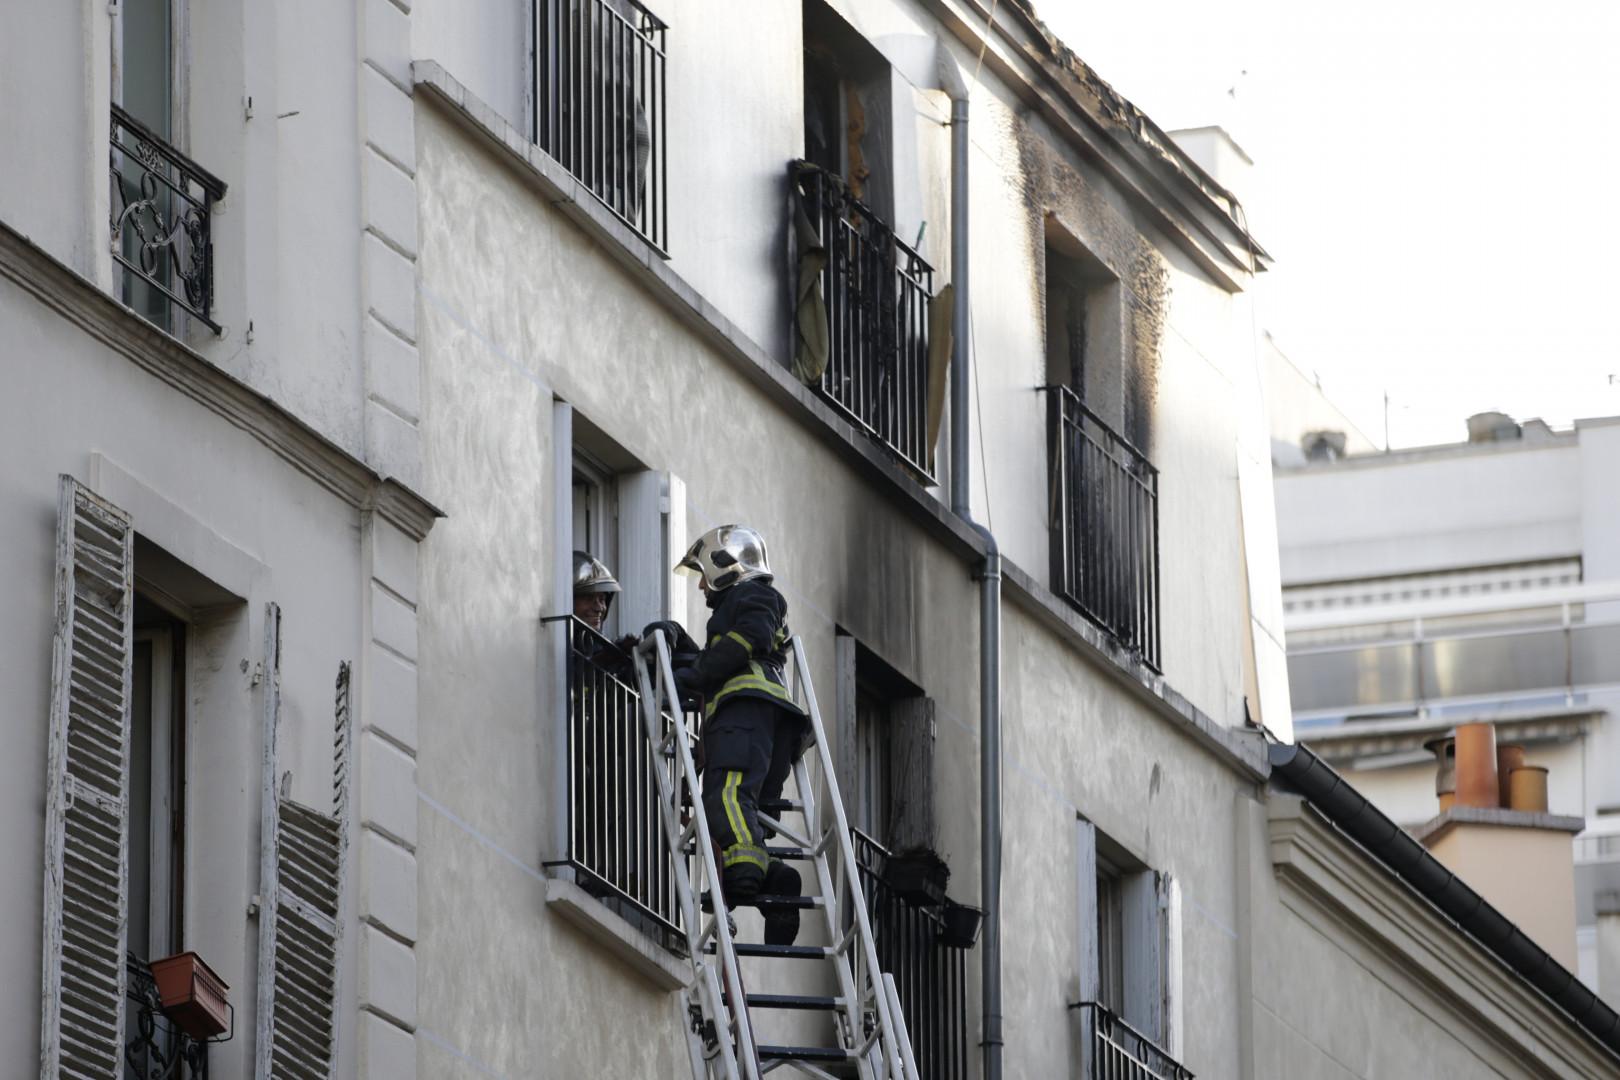 Un pompier intervient sur les lieux d'un incendie à Paris, mercredi 2 septembre 2015